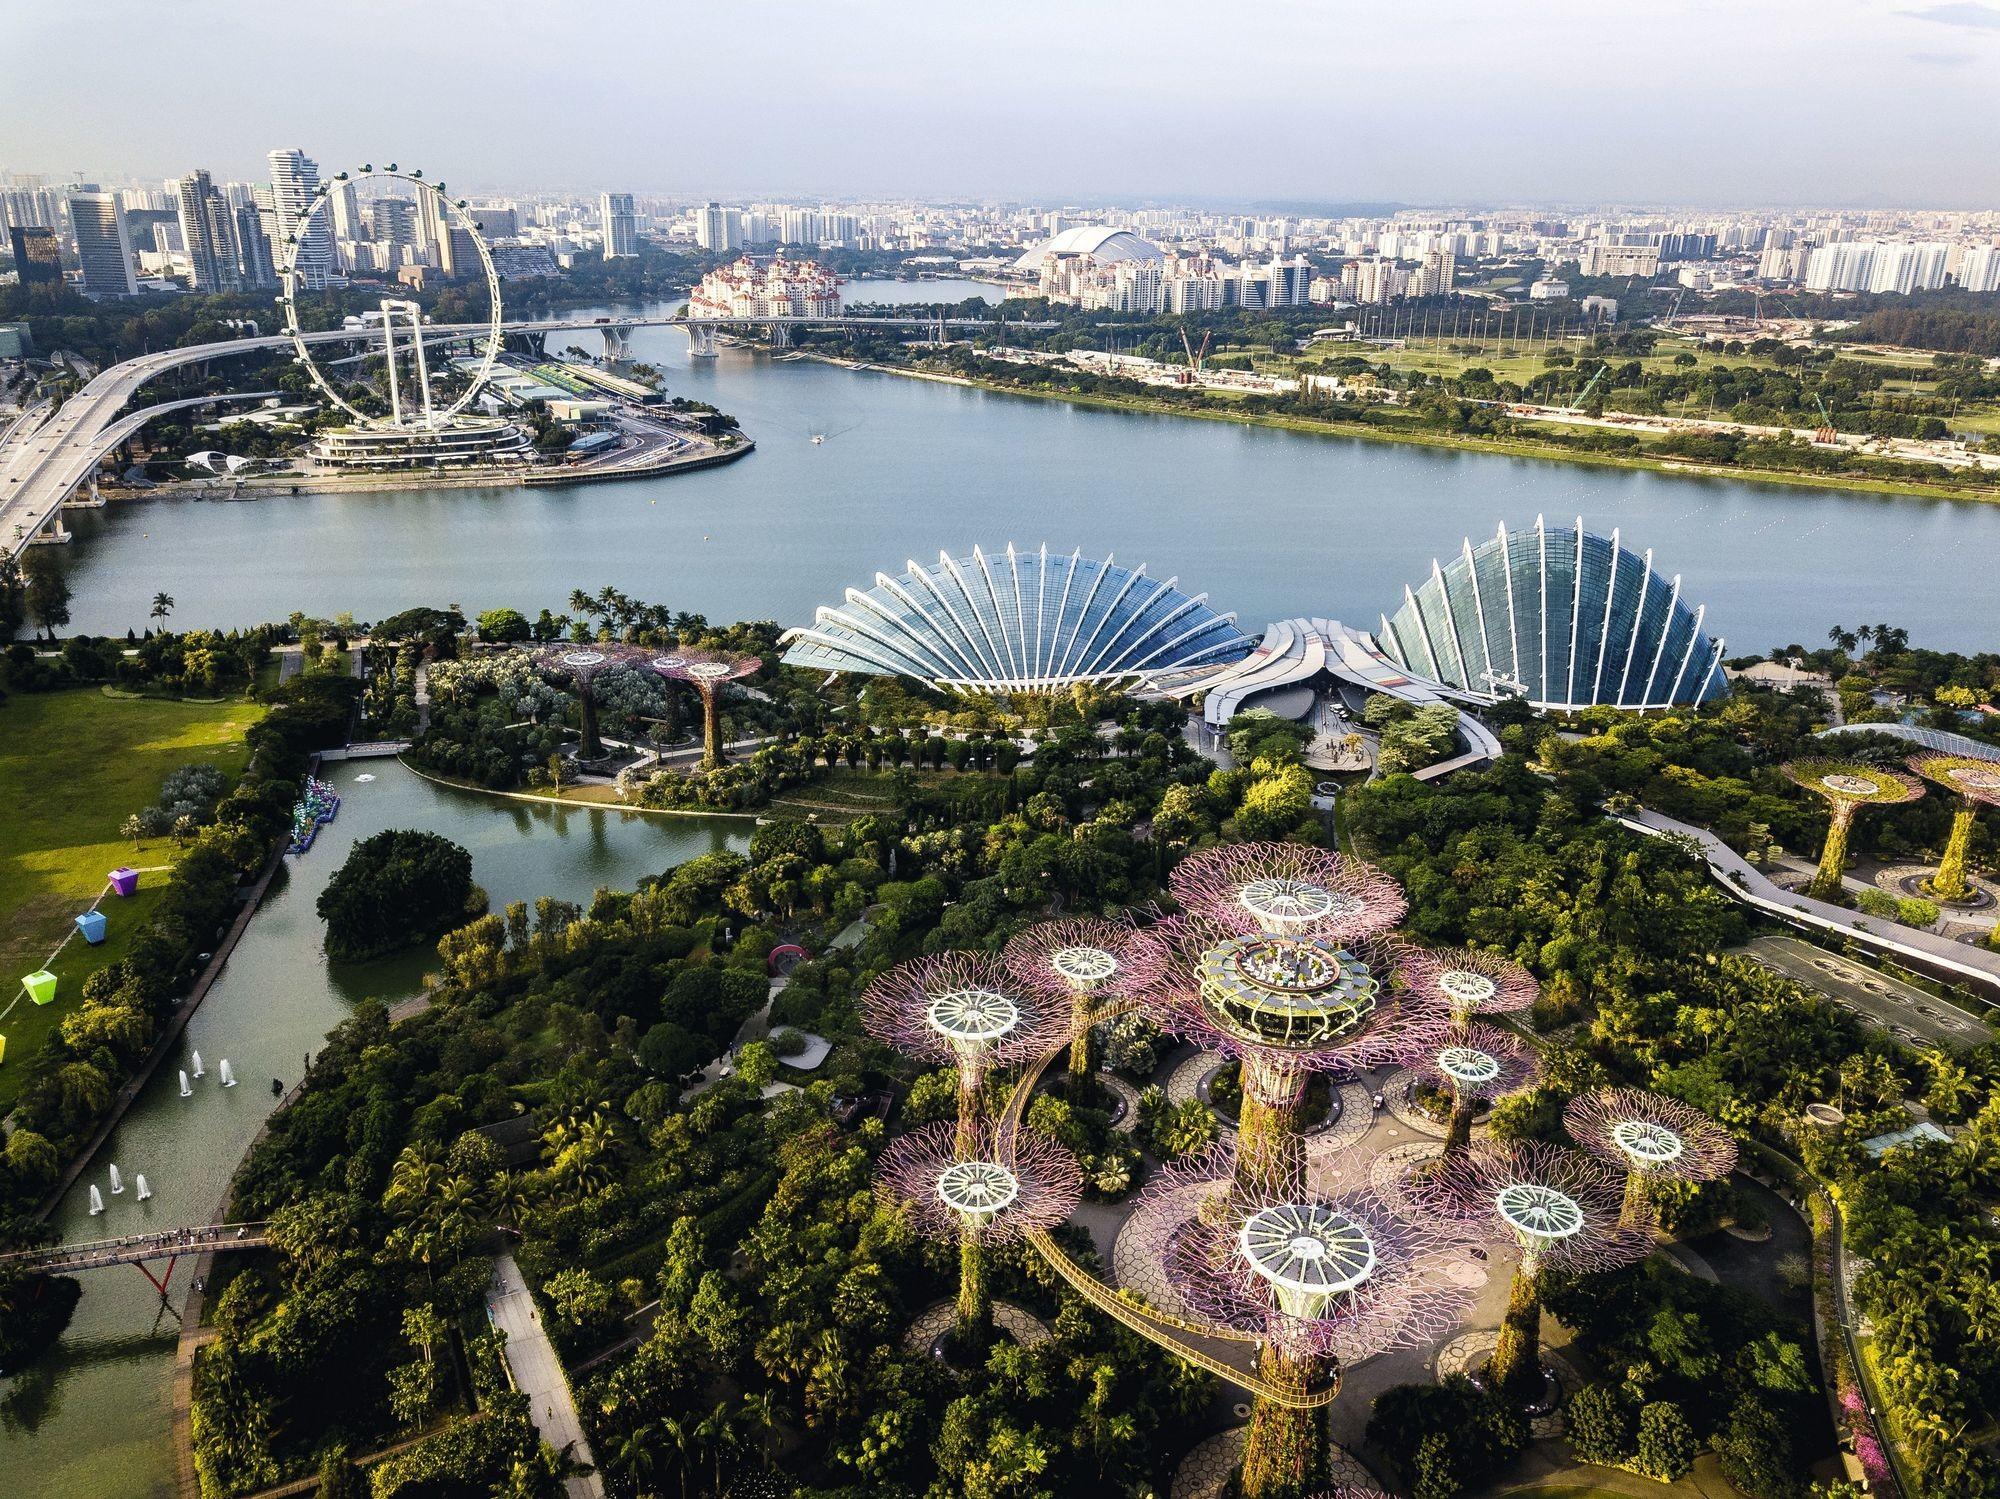 vue aérienne Singapour, une smart city